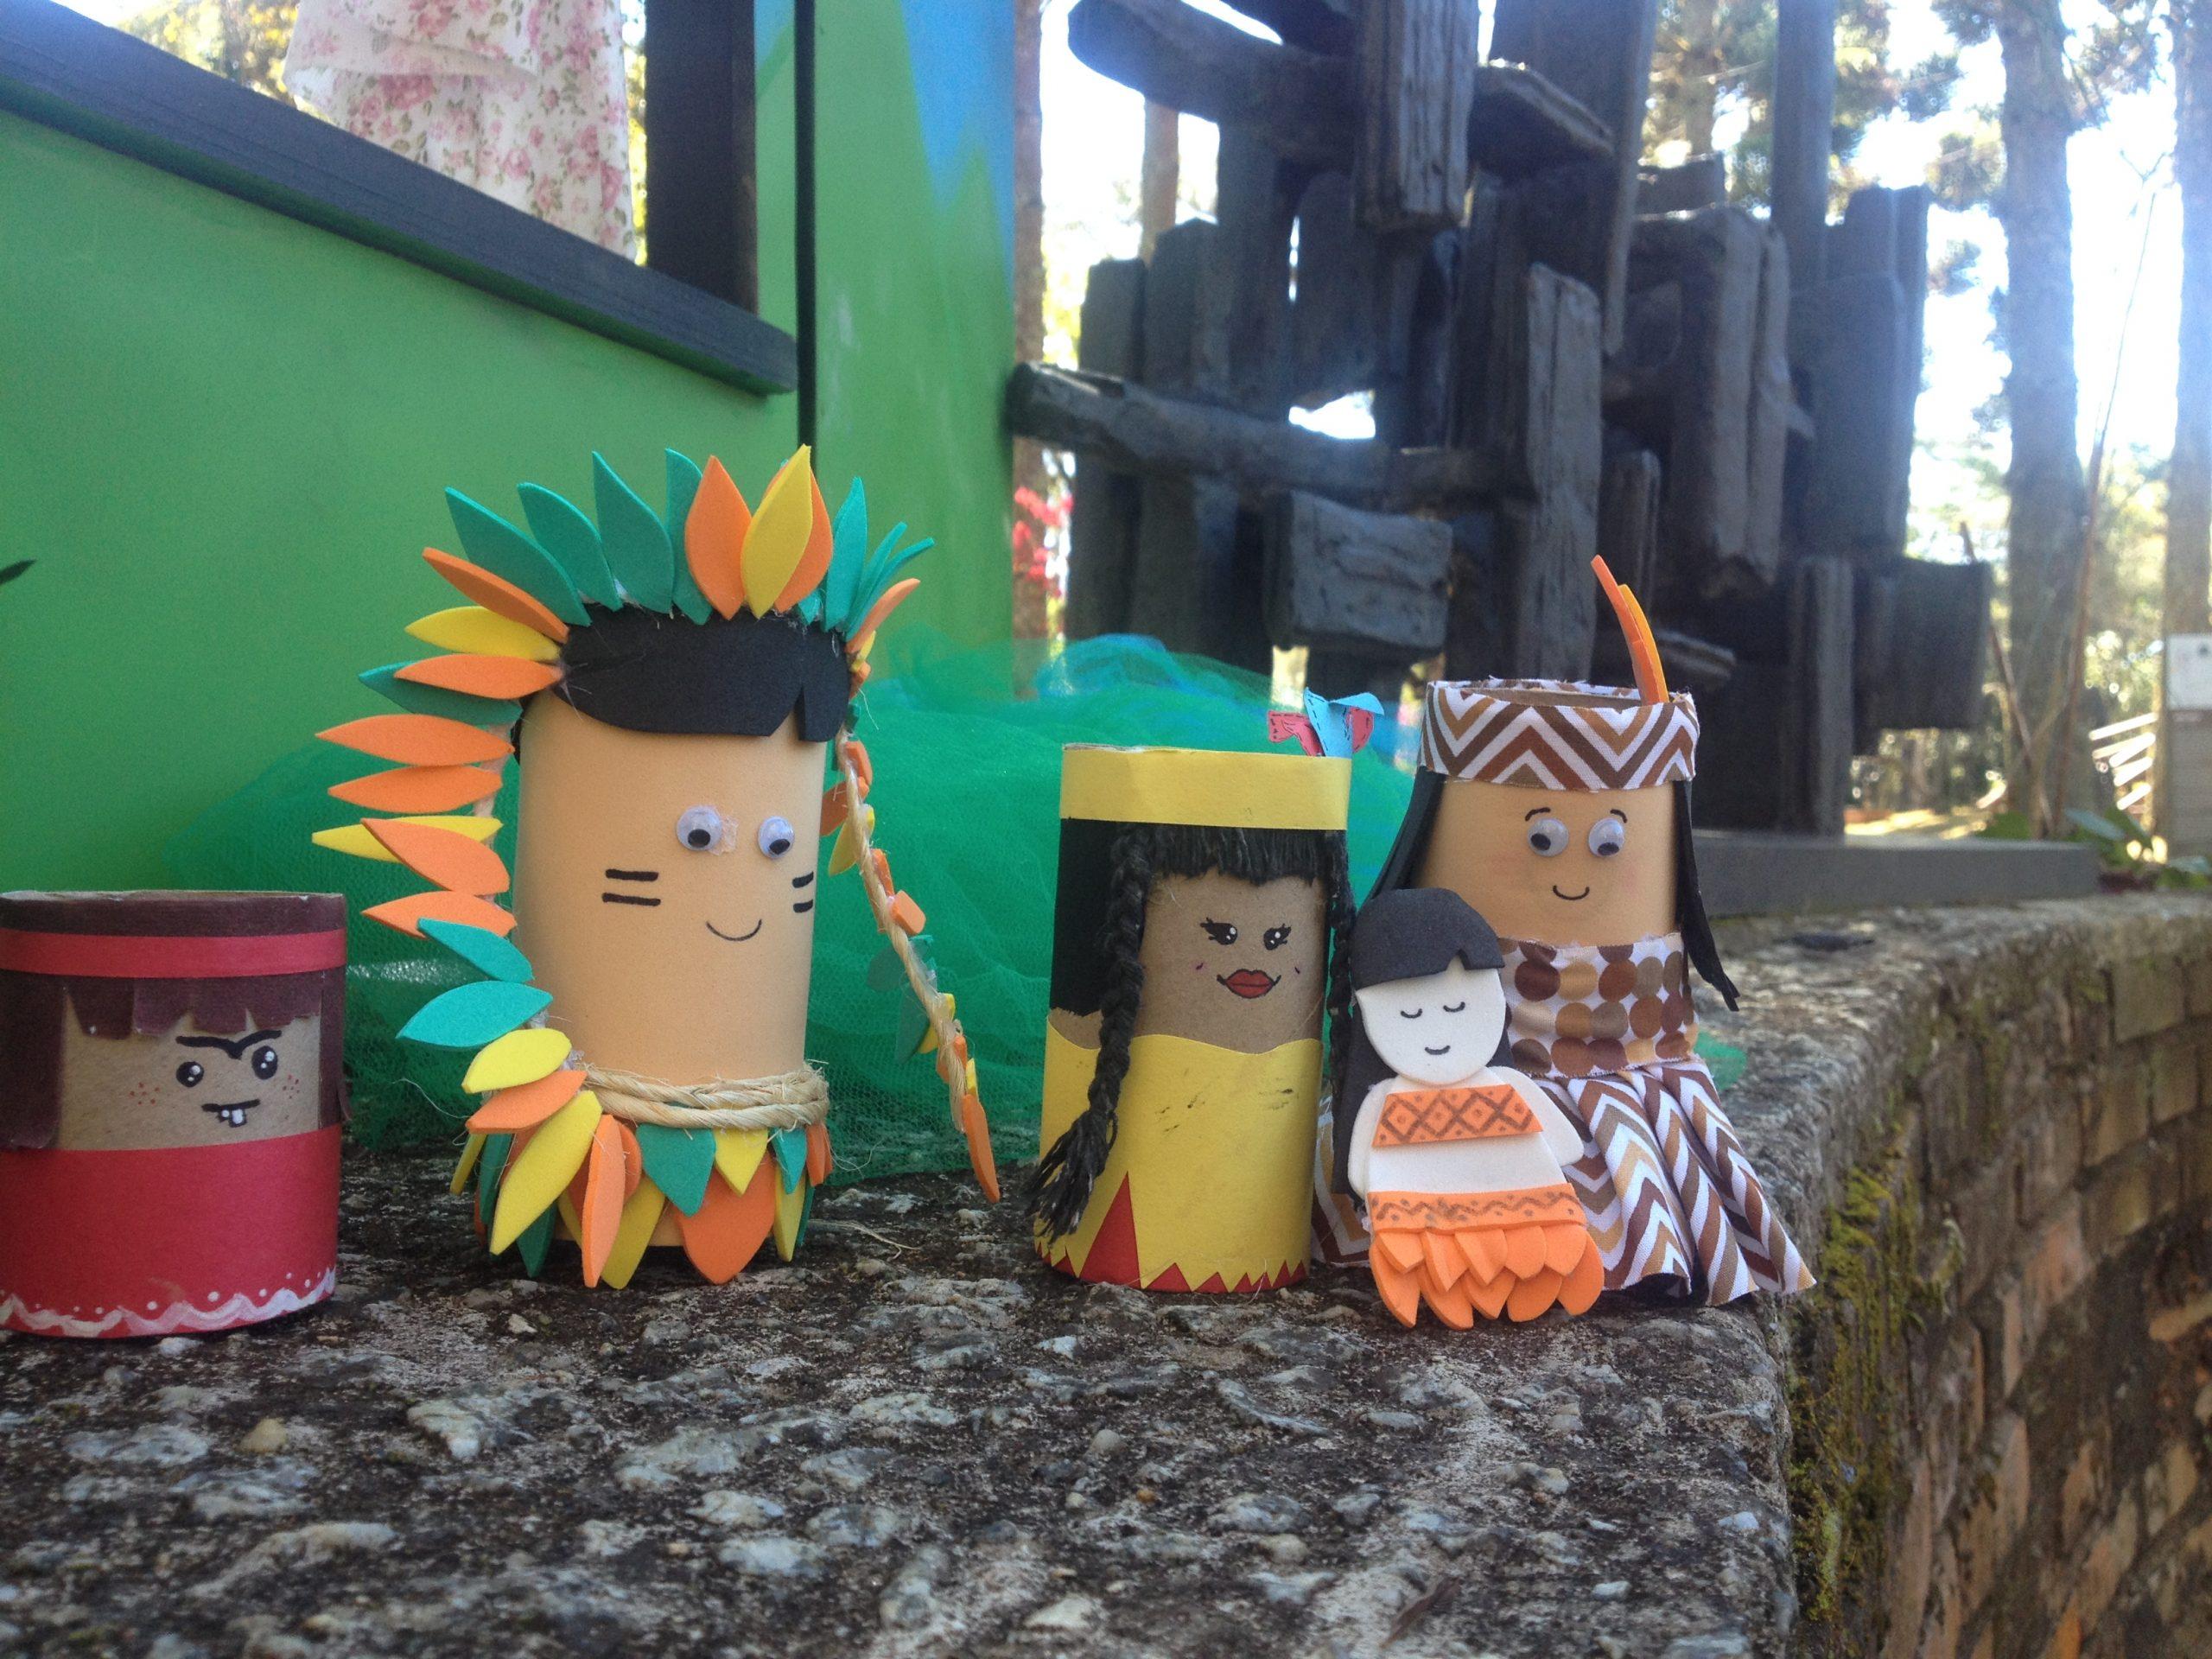 Na imagem há bonecos indígenas feitos de rolo de papel.